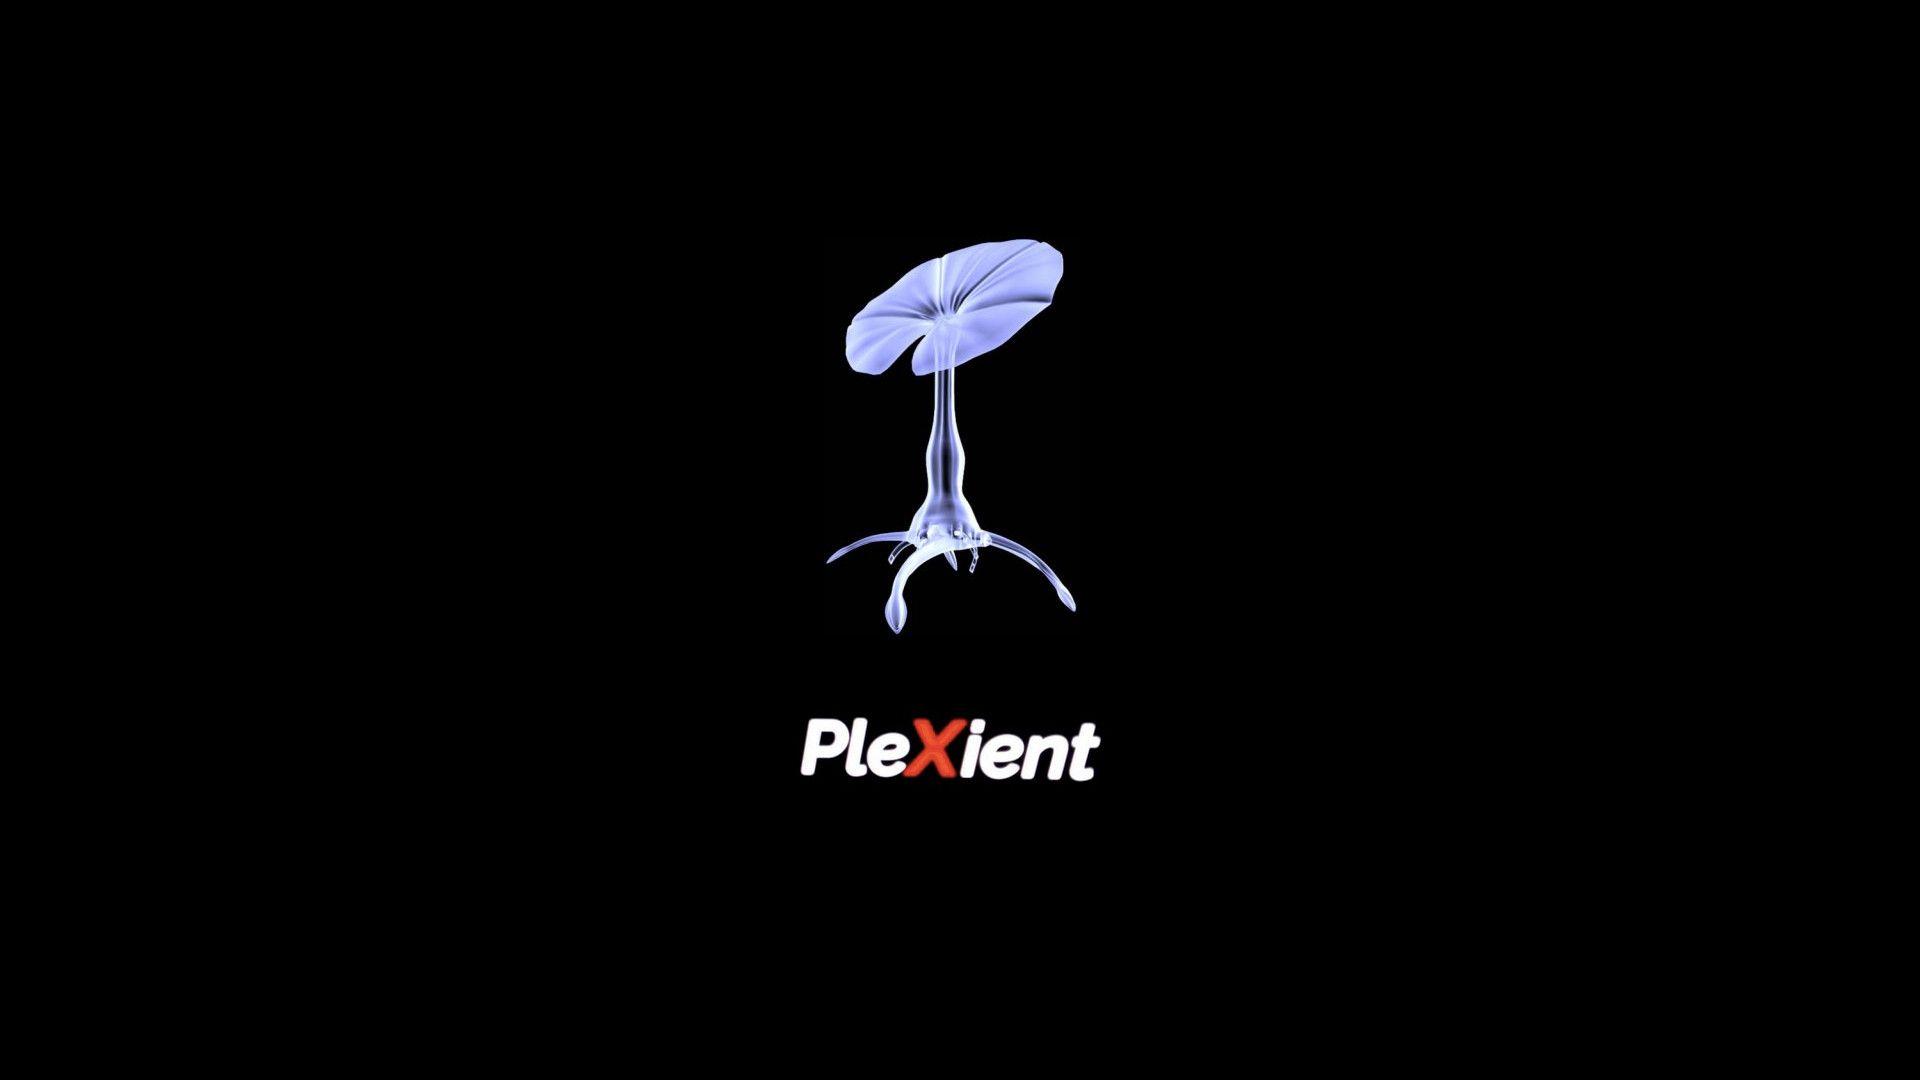 plexient